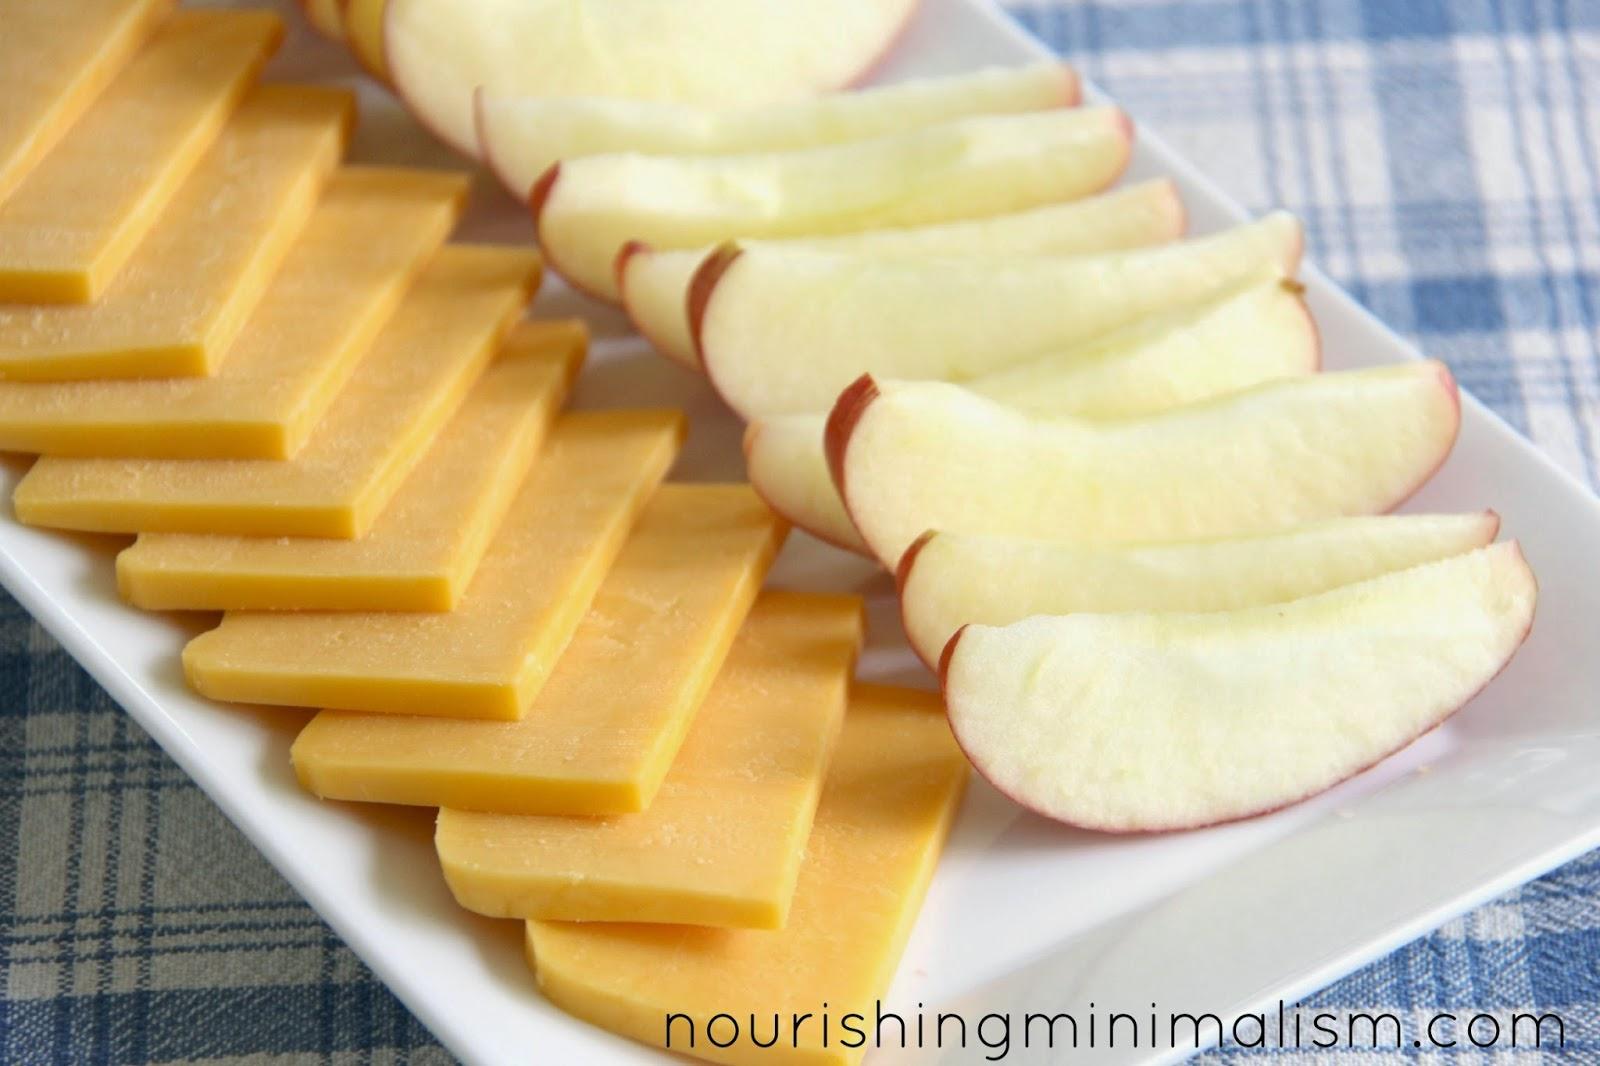 Kết quả hình ảnh cho Apples and cheese